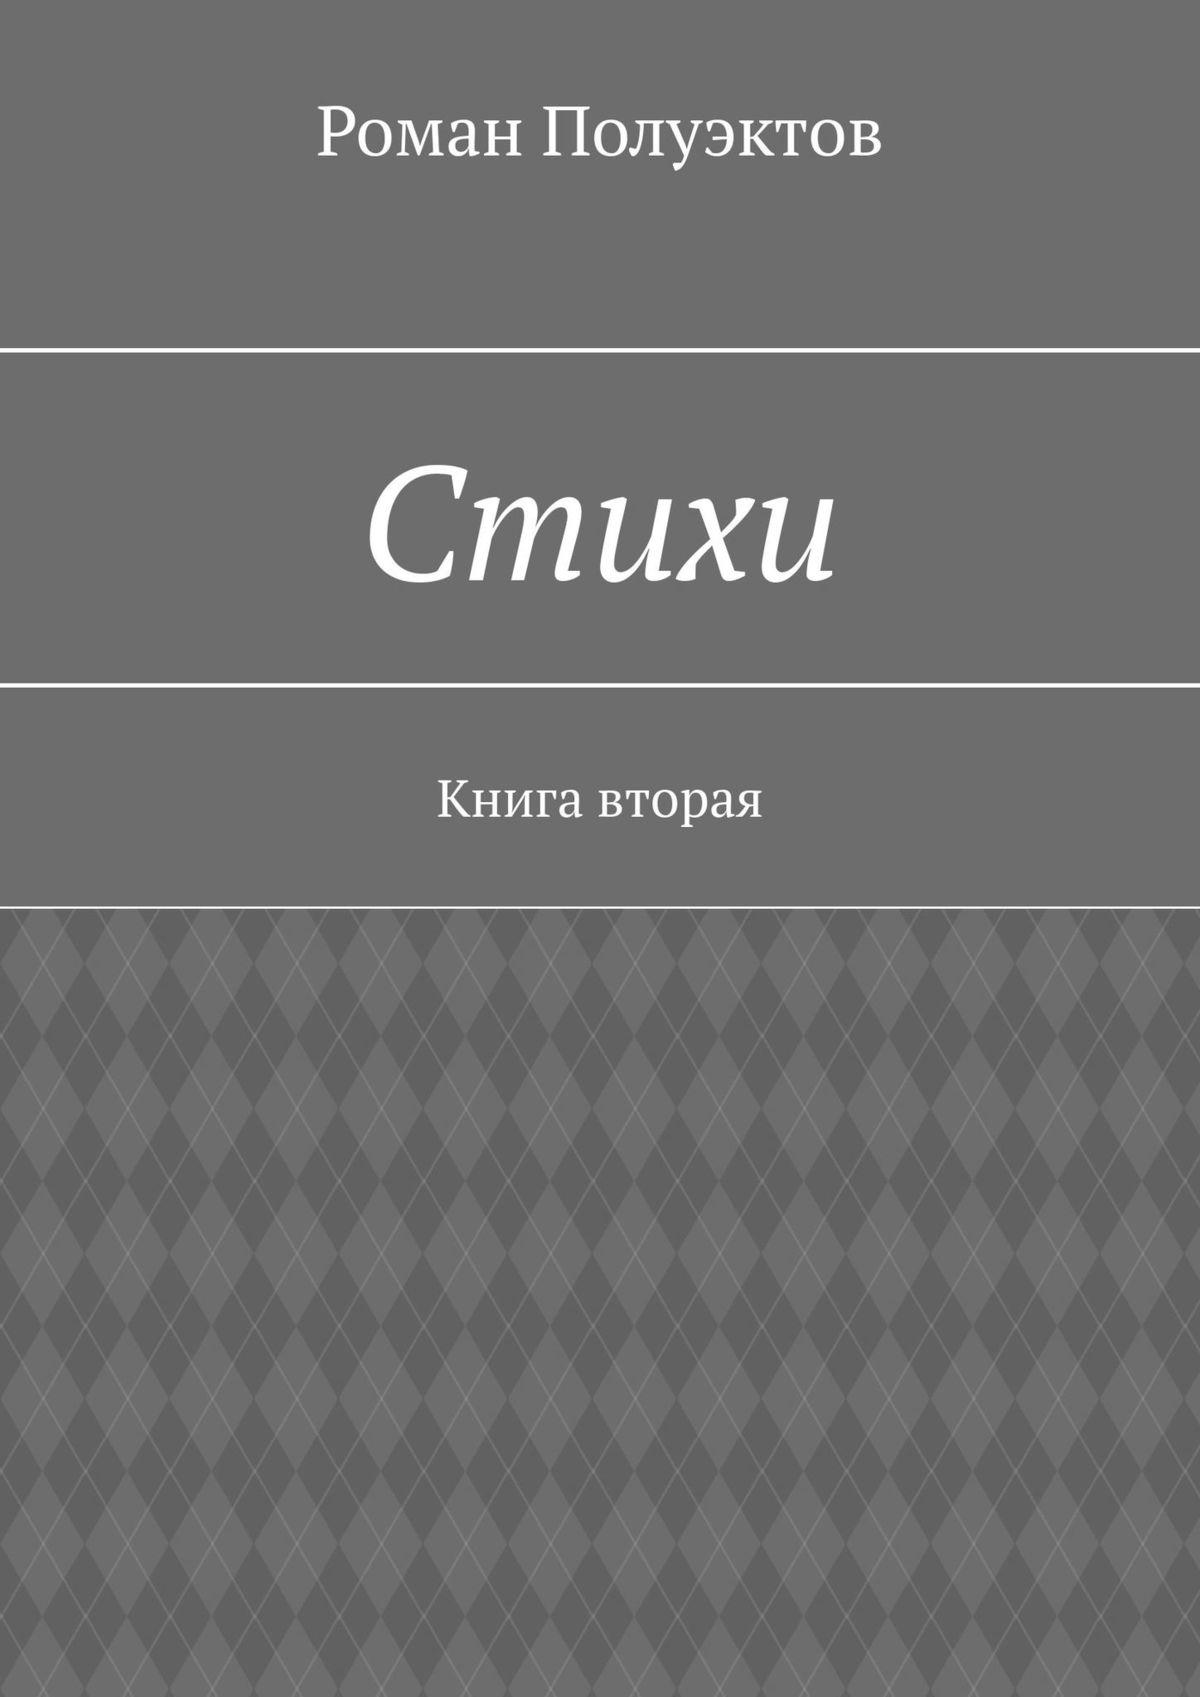 Стихи. Книга вторая